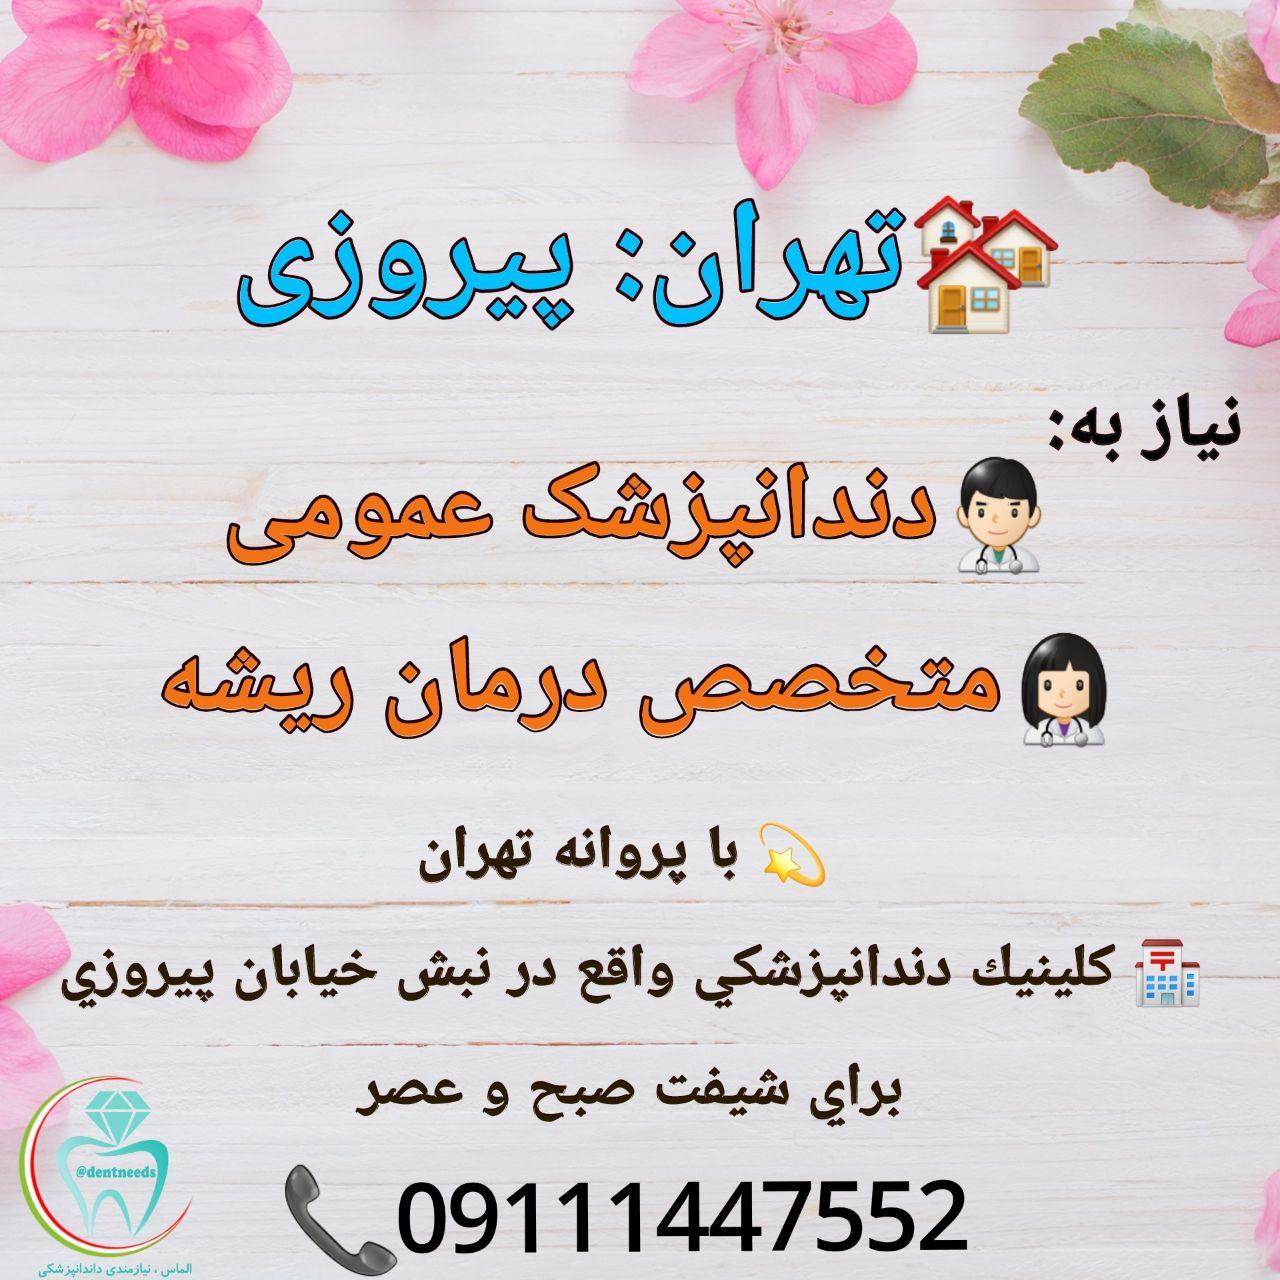 تهران: پیروزی، نیاز به دندانپزشک عمومی، و متخصص درمان ریشه